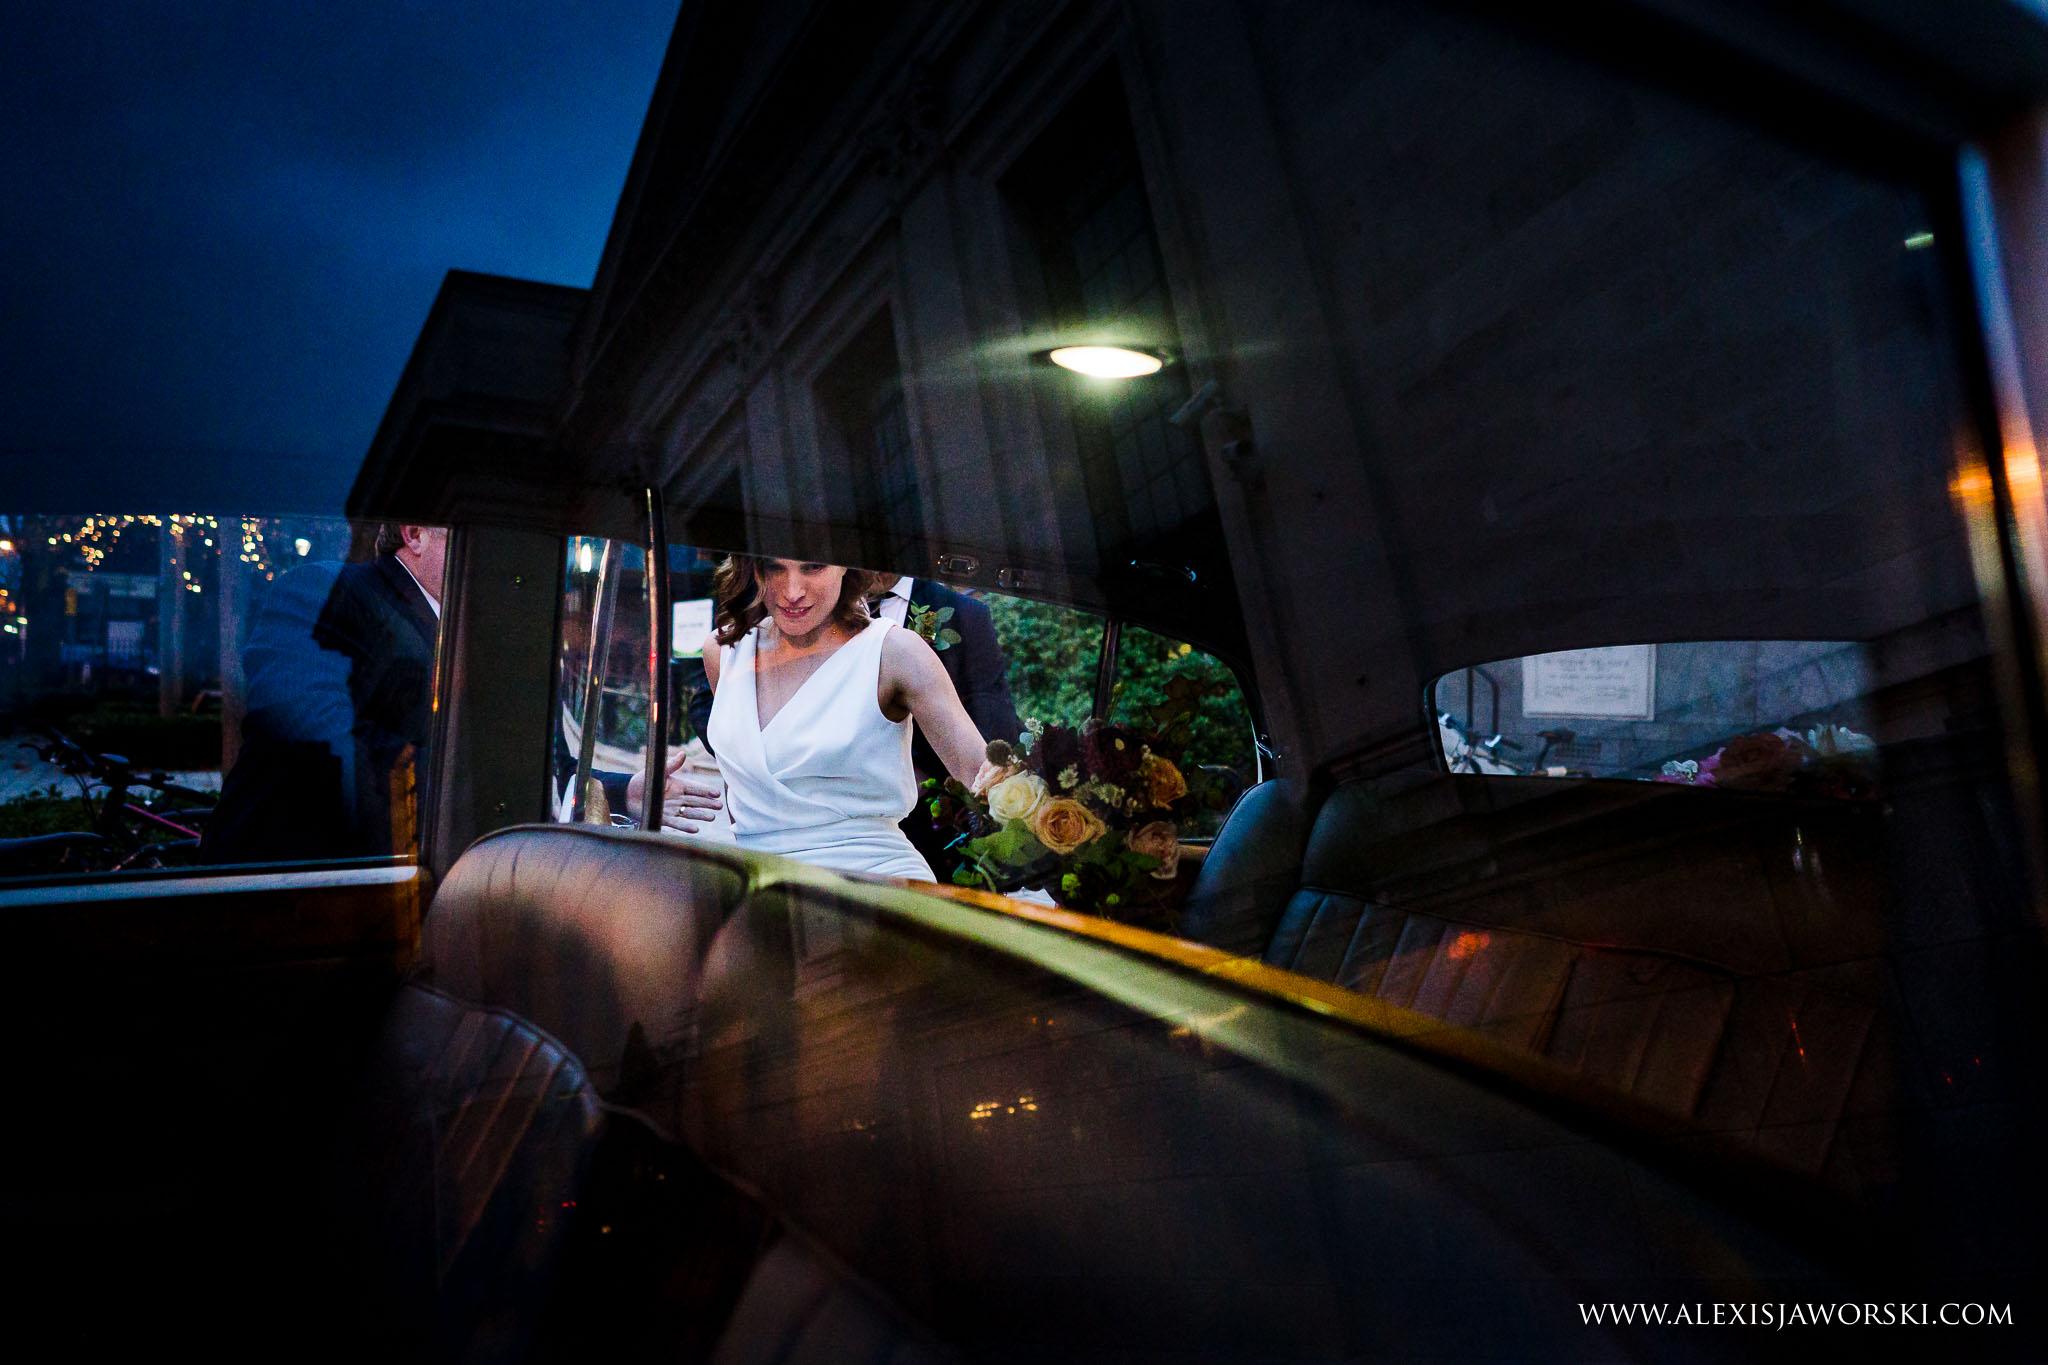 bride entering the car